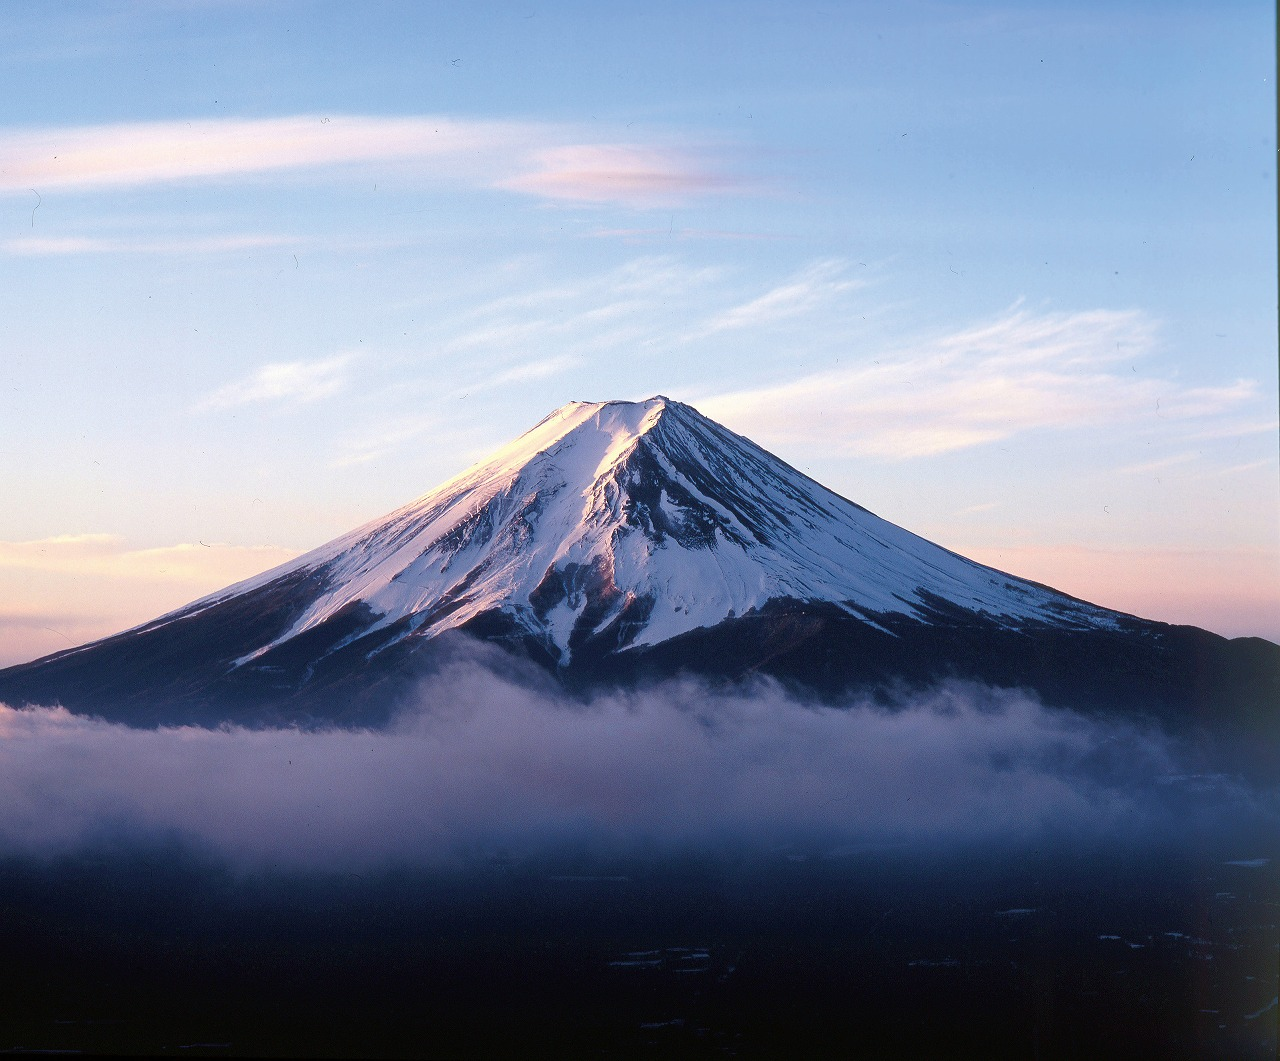 Fuji Mountain PNG - 157012